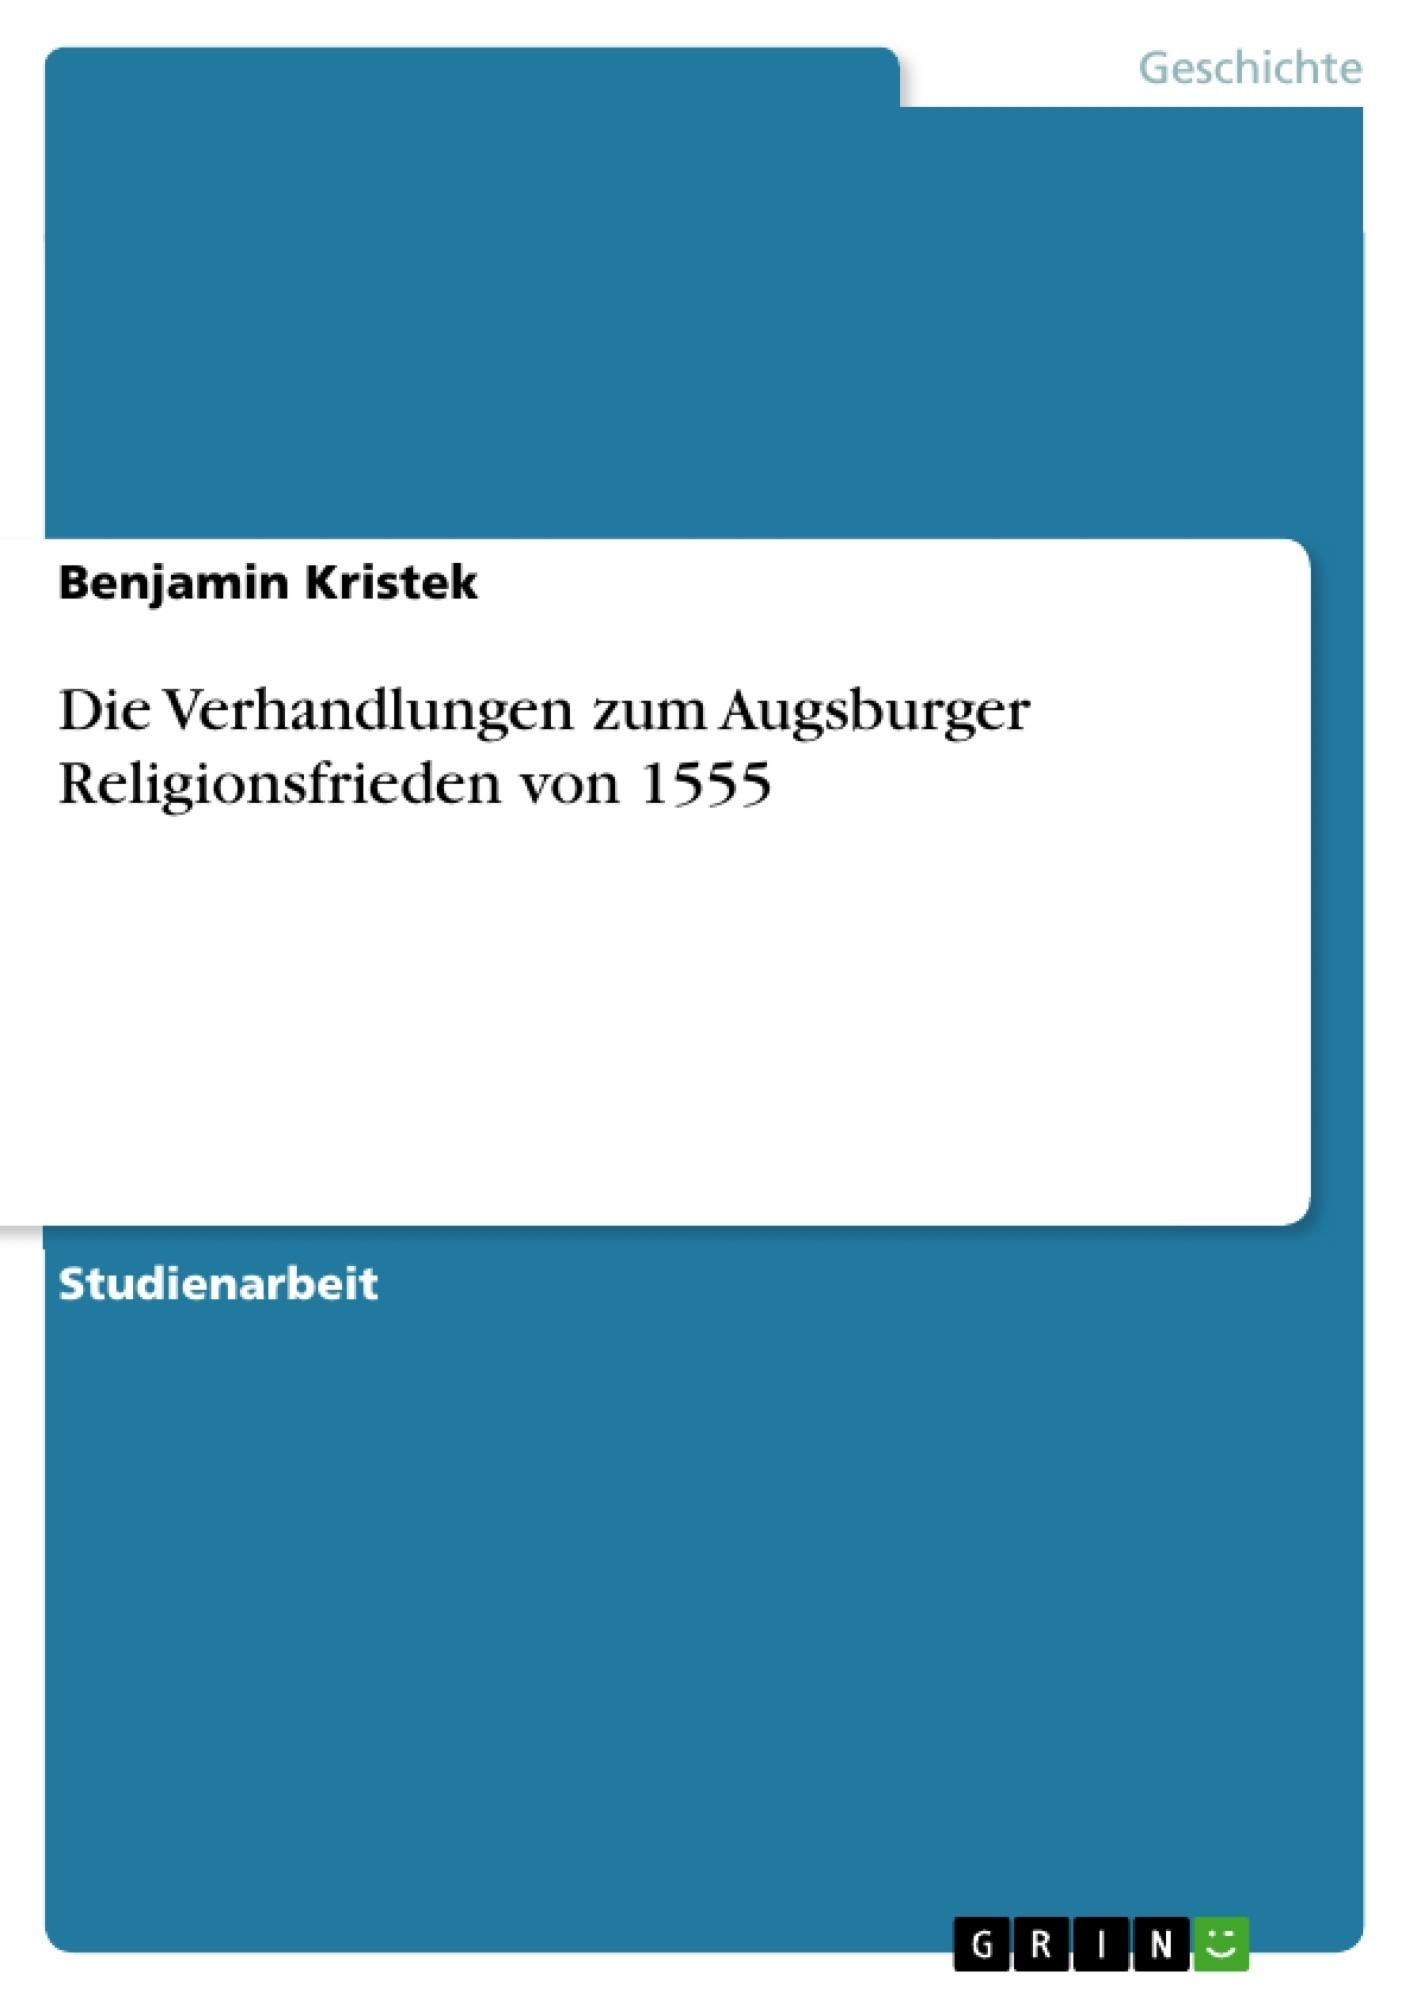 Titel: Die Verhandlungen zum Augsburger Religionsfrieden von 1555